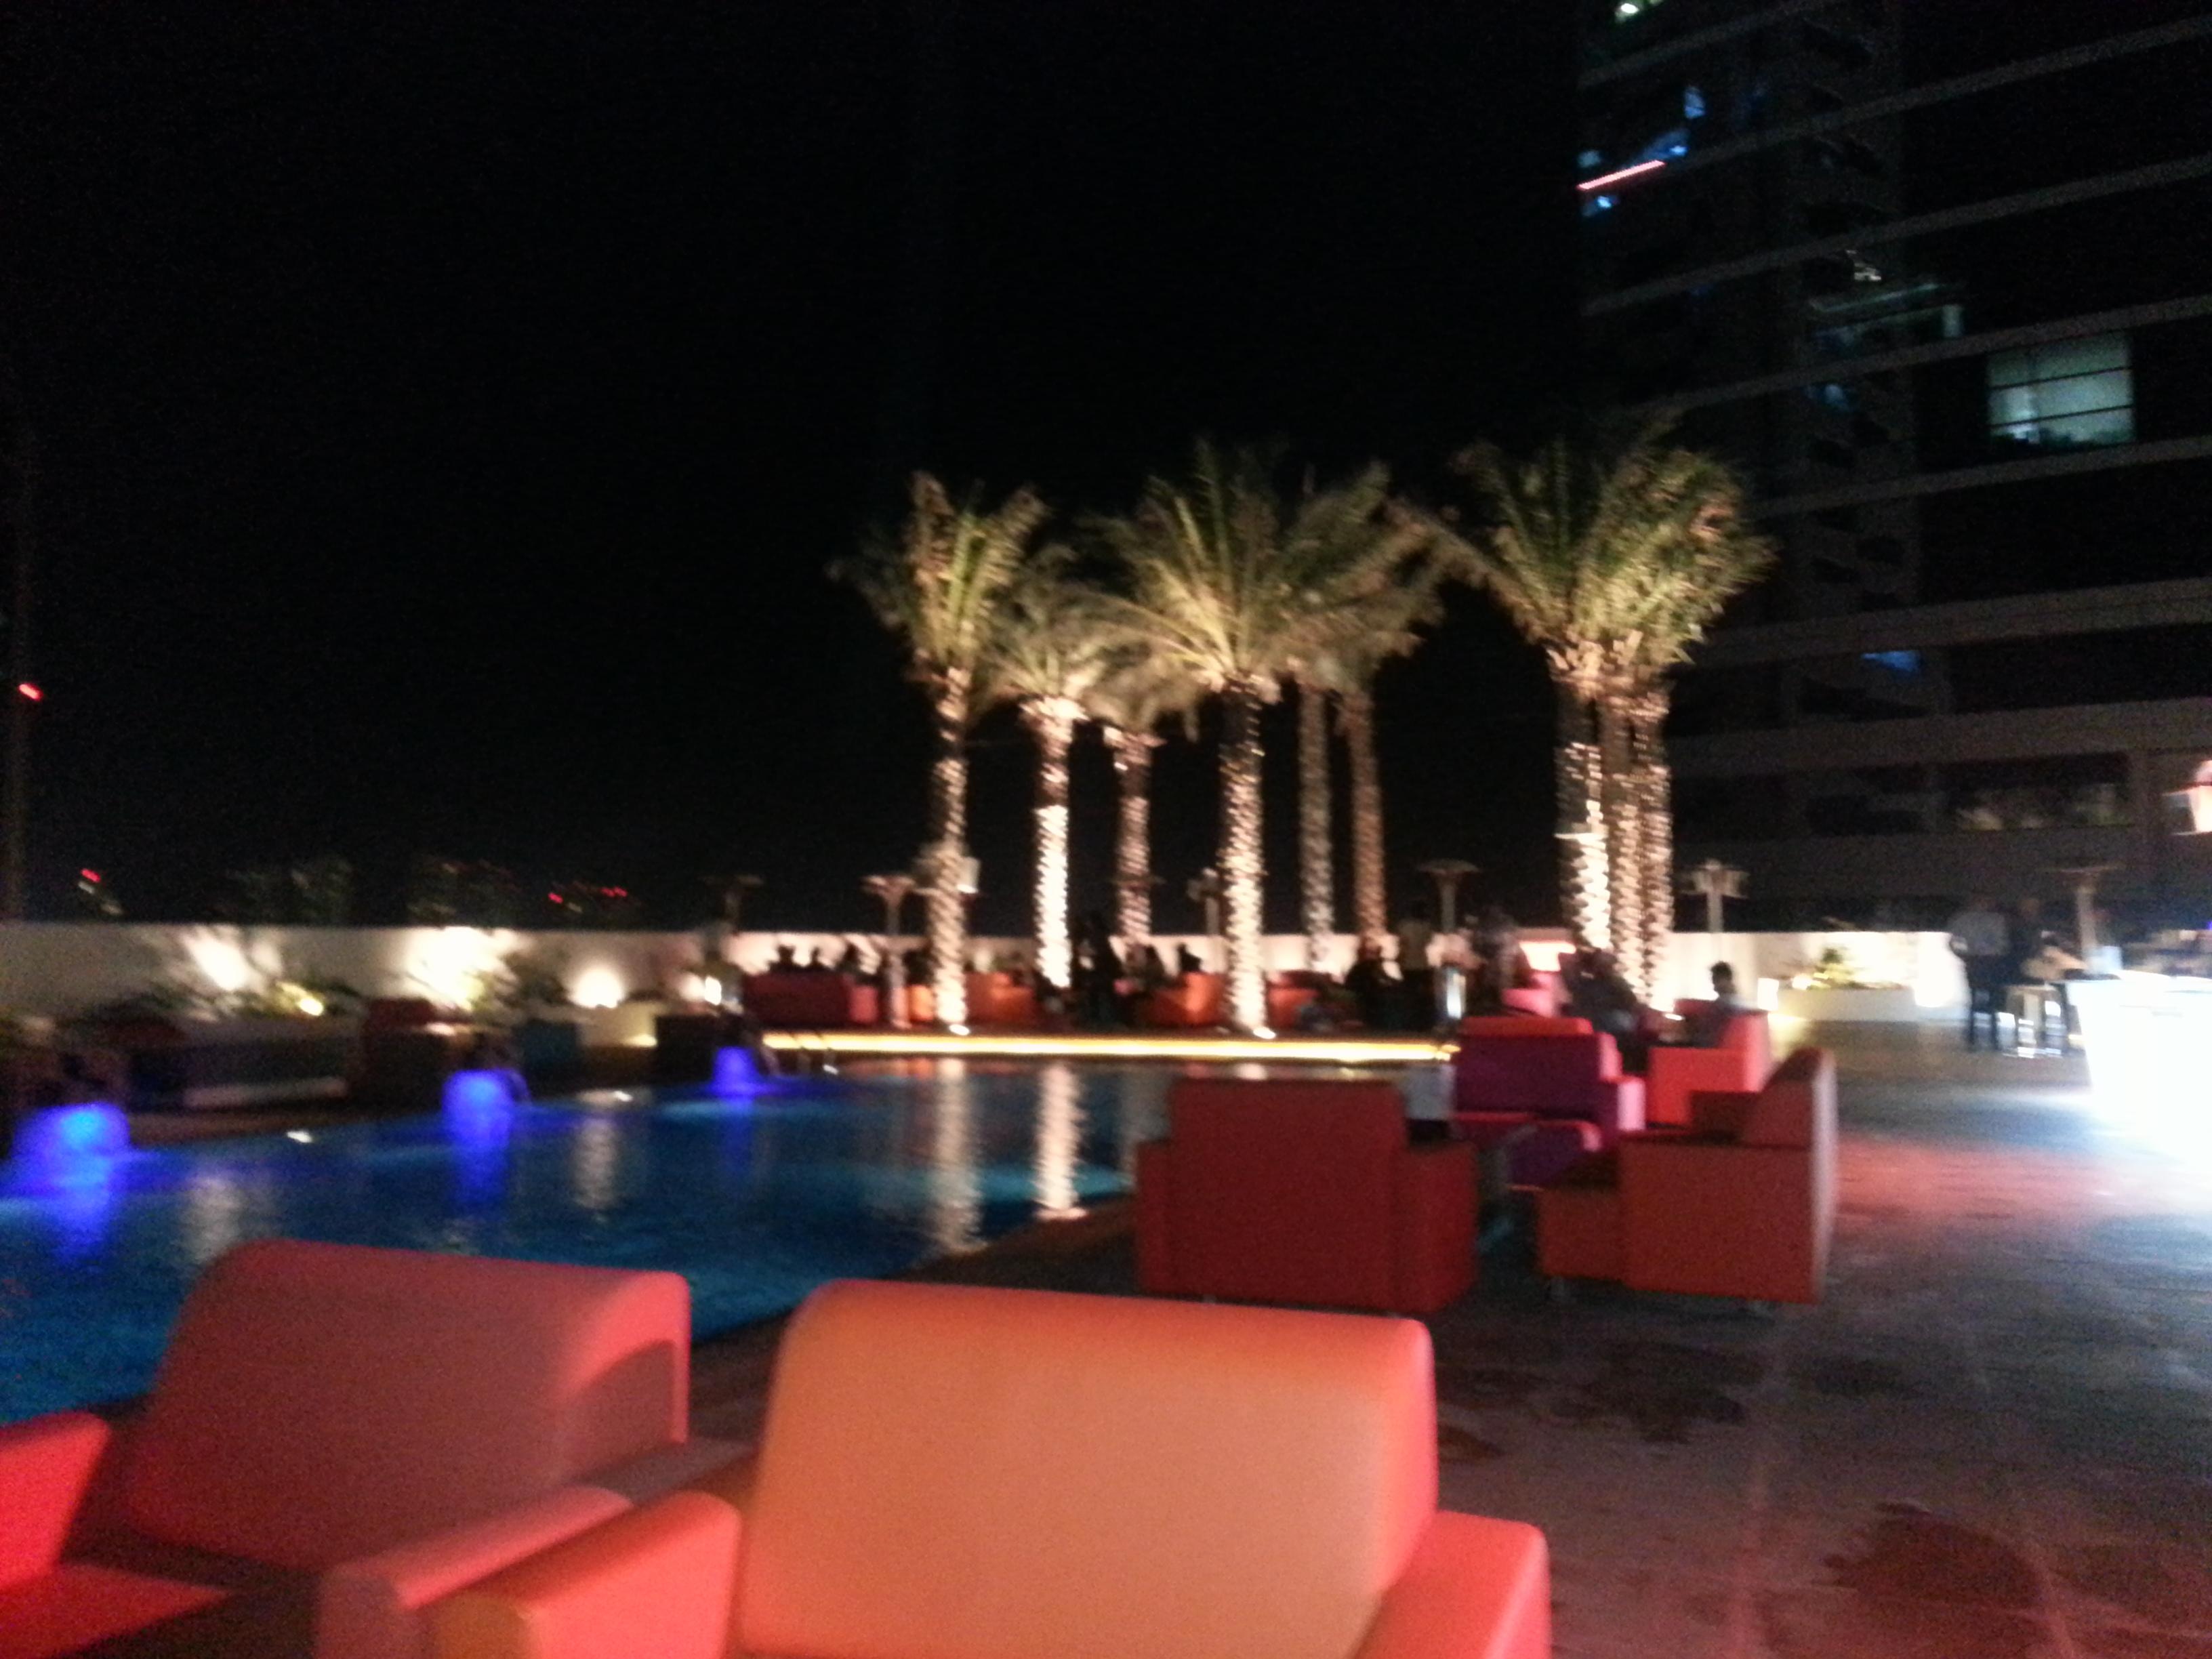 Dek on 8 @ Media One Hotel